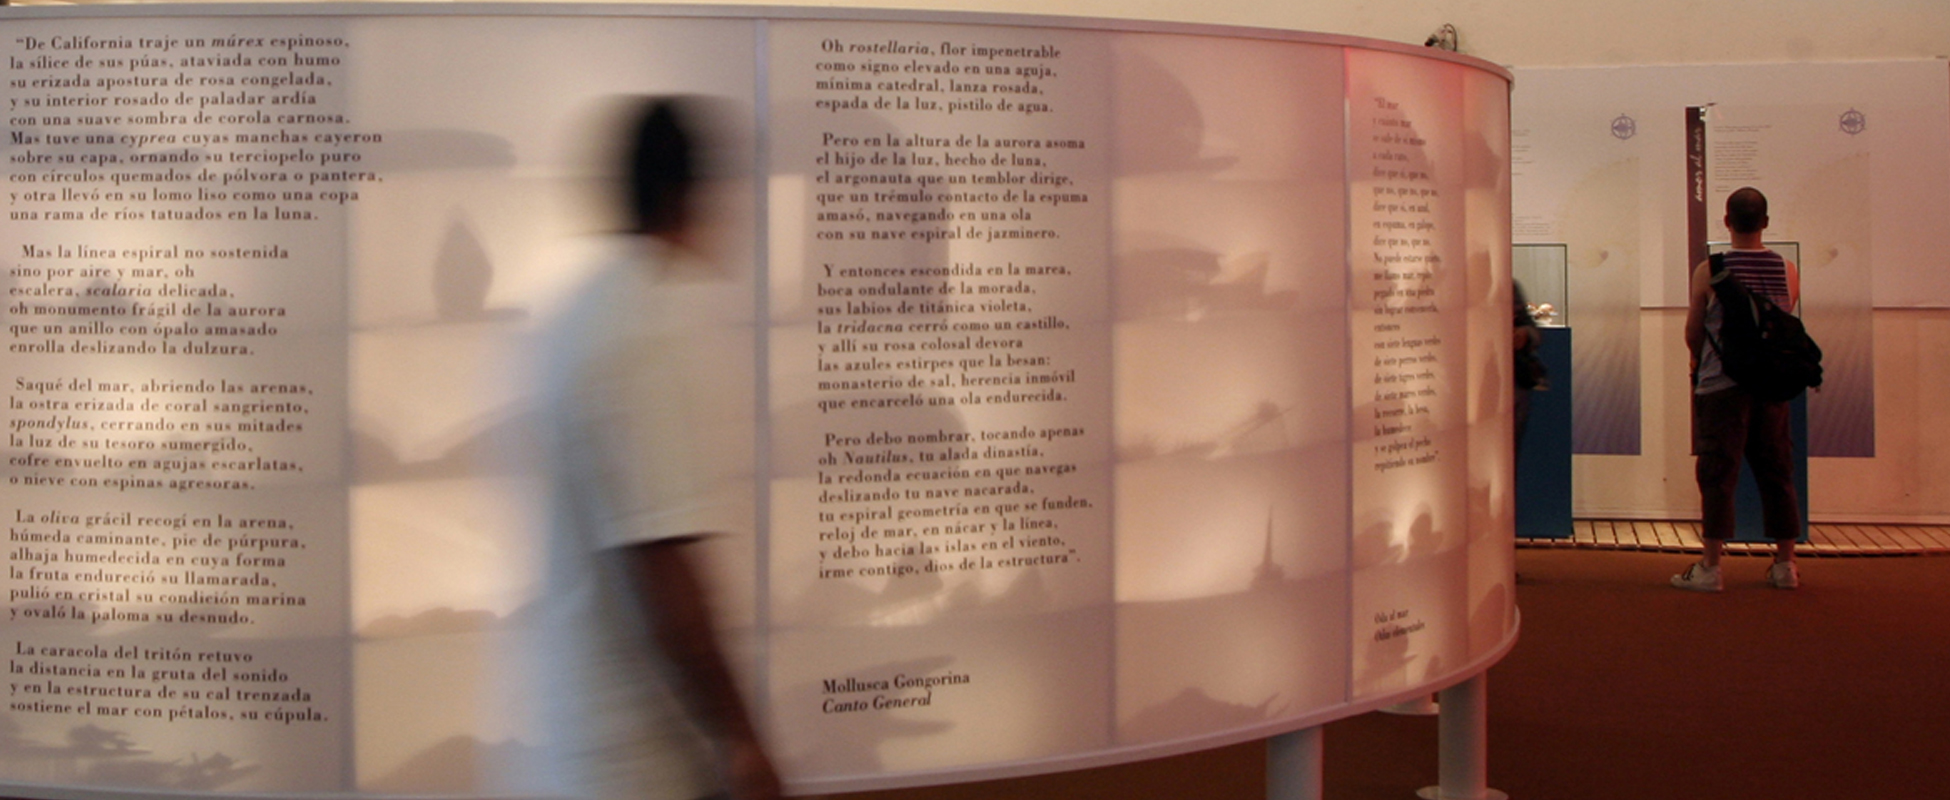 Museología Pablo Neruda | María José Larrosa, GP Creative Thinking